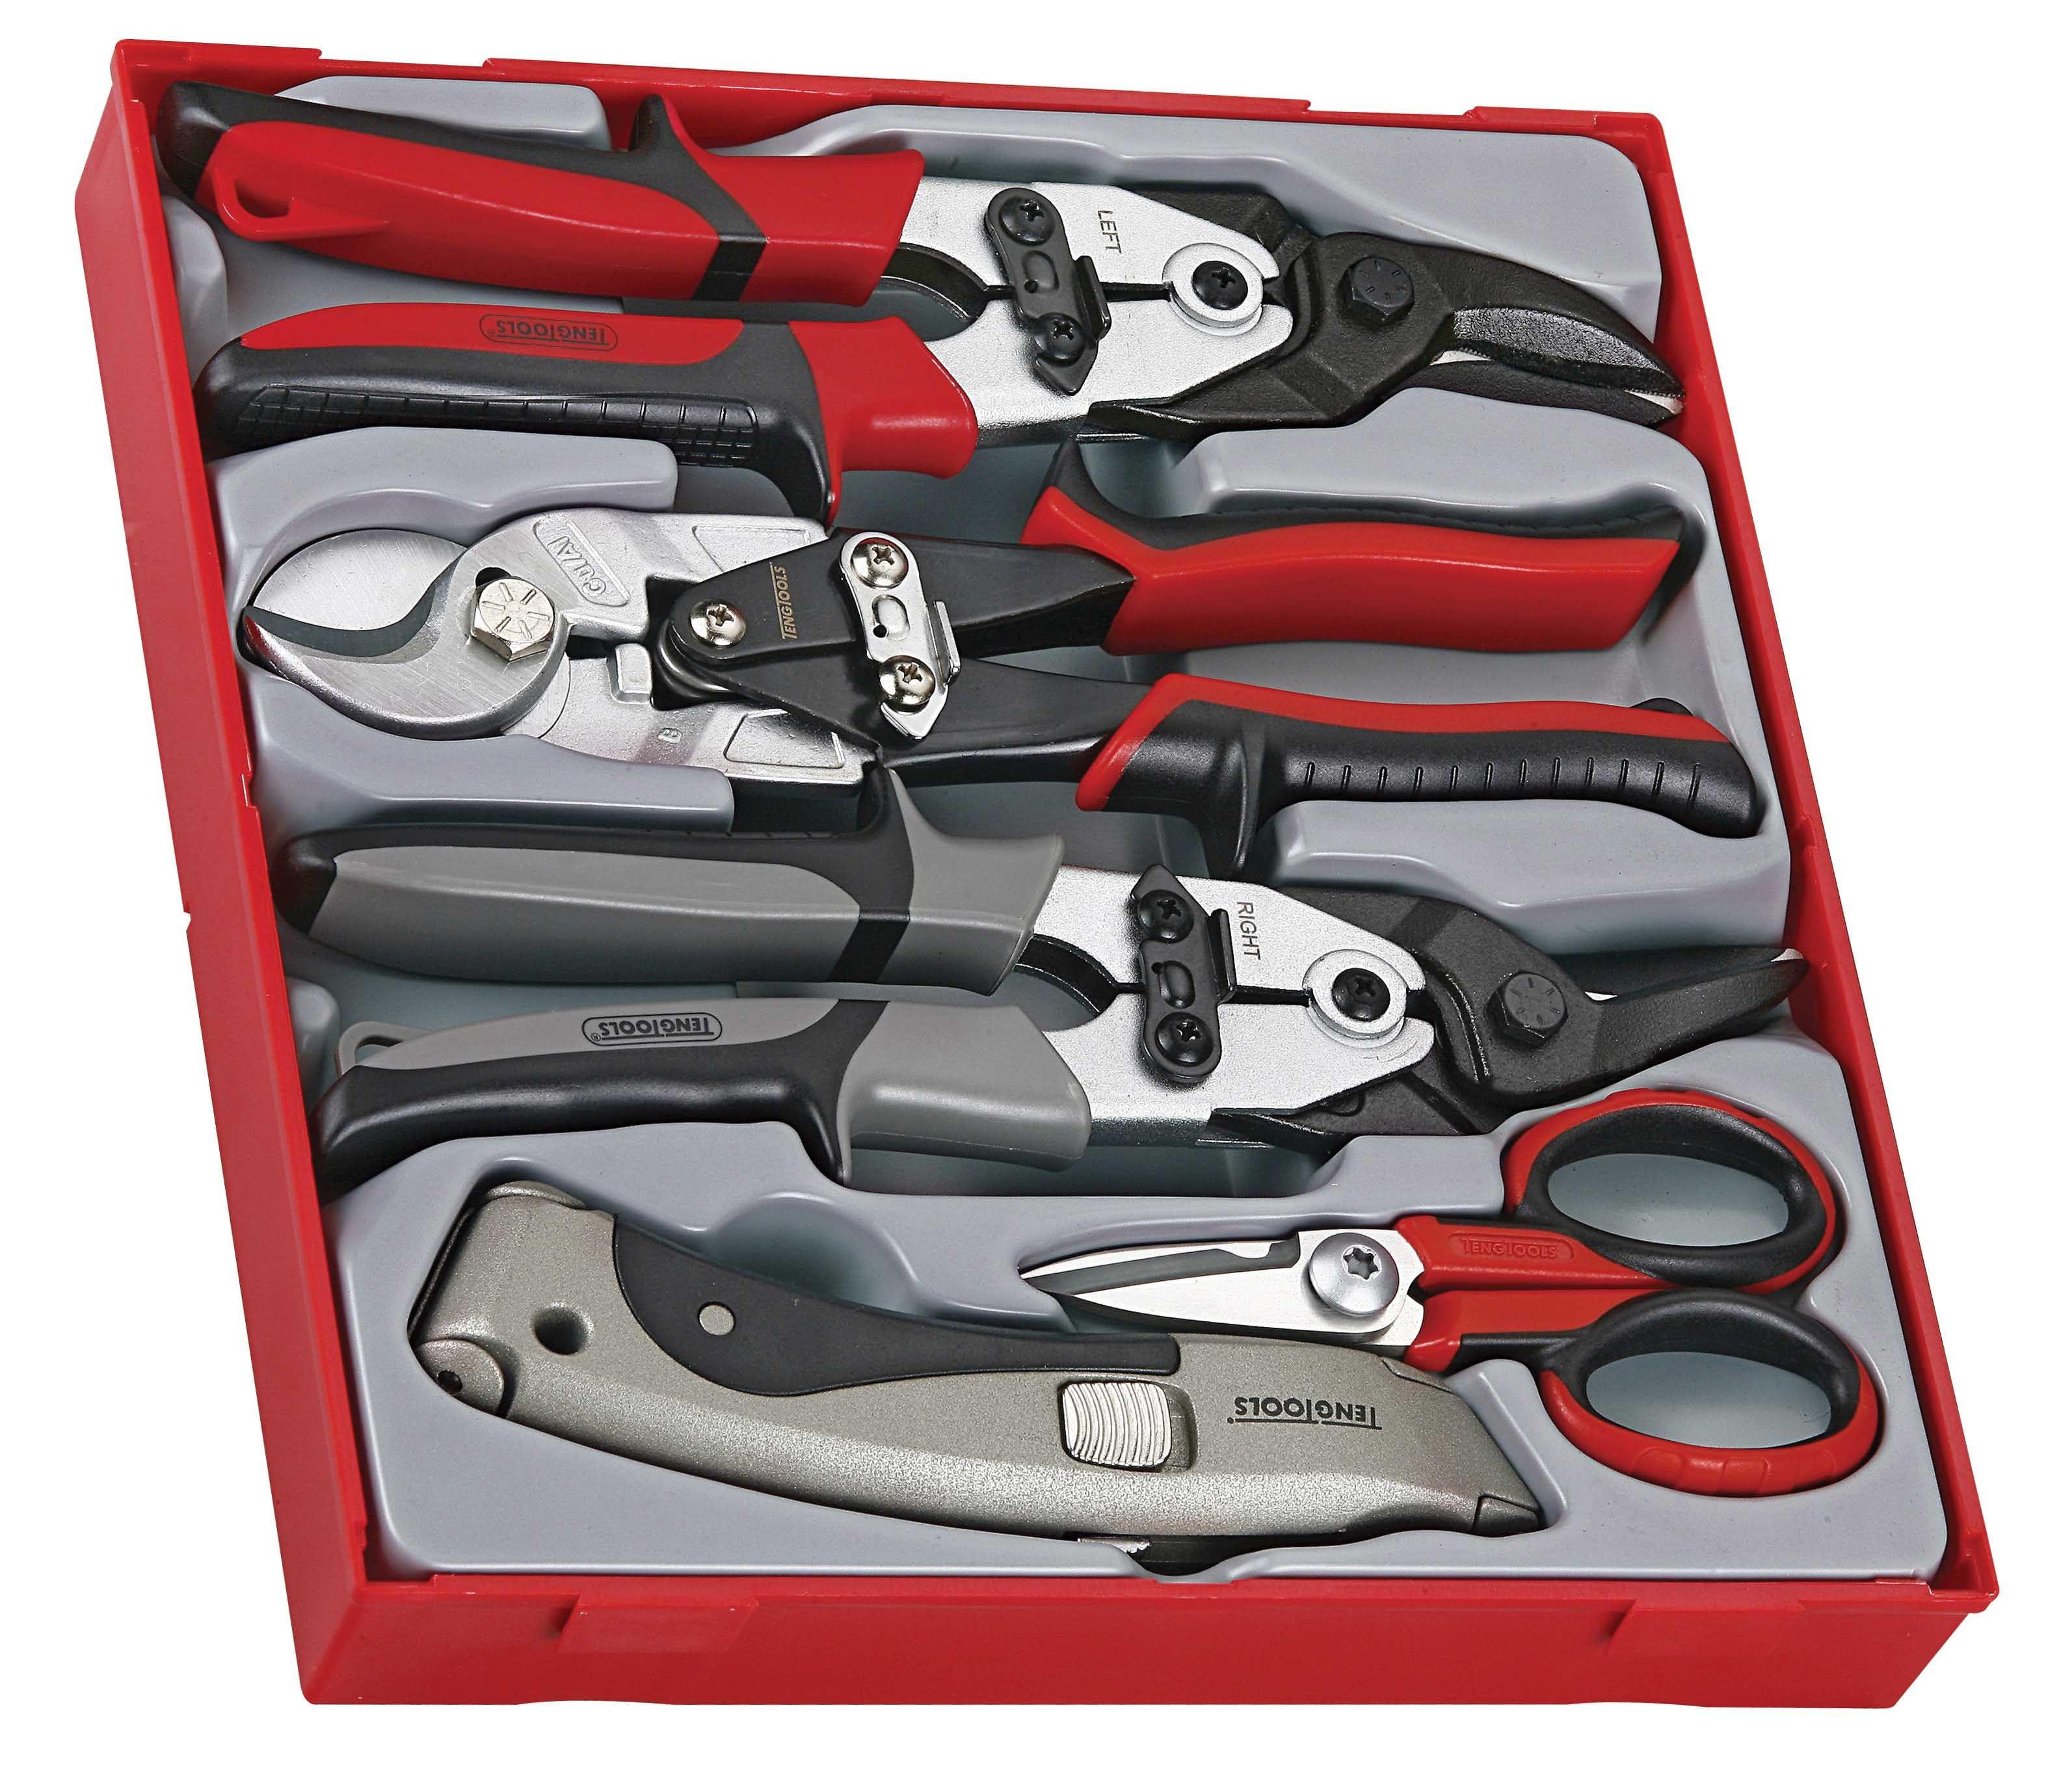 Teng Tools 5 Piece Cutting Tool Set